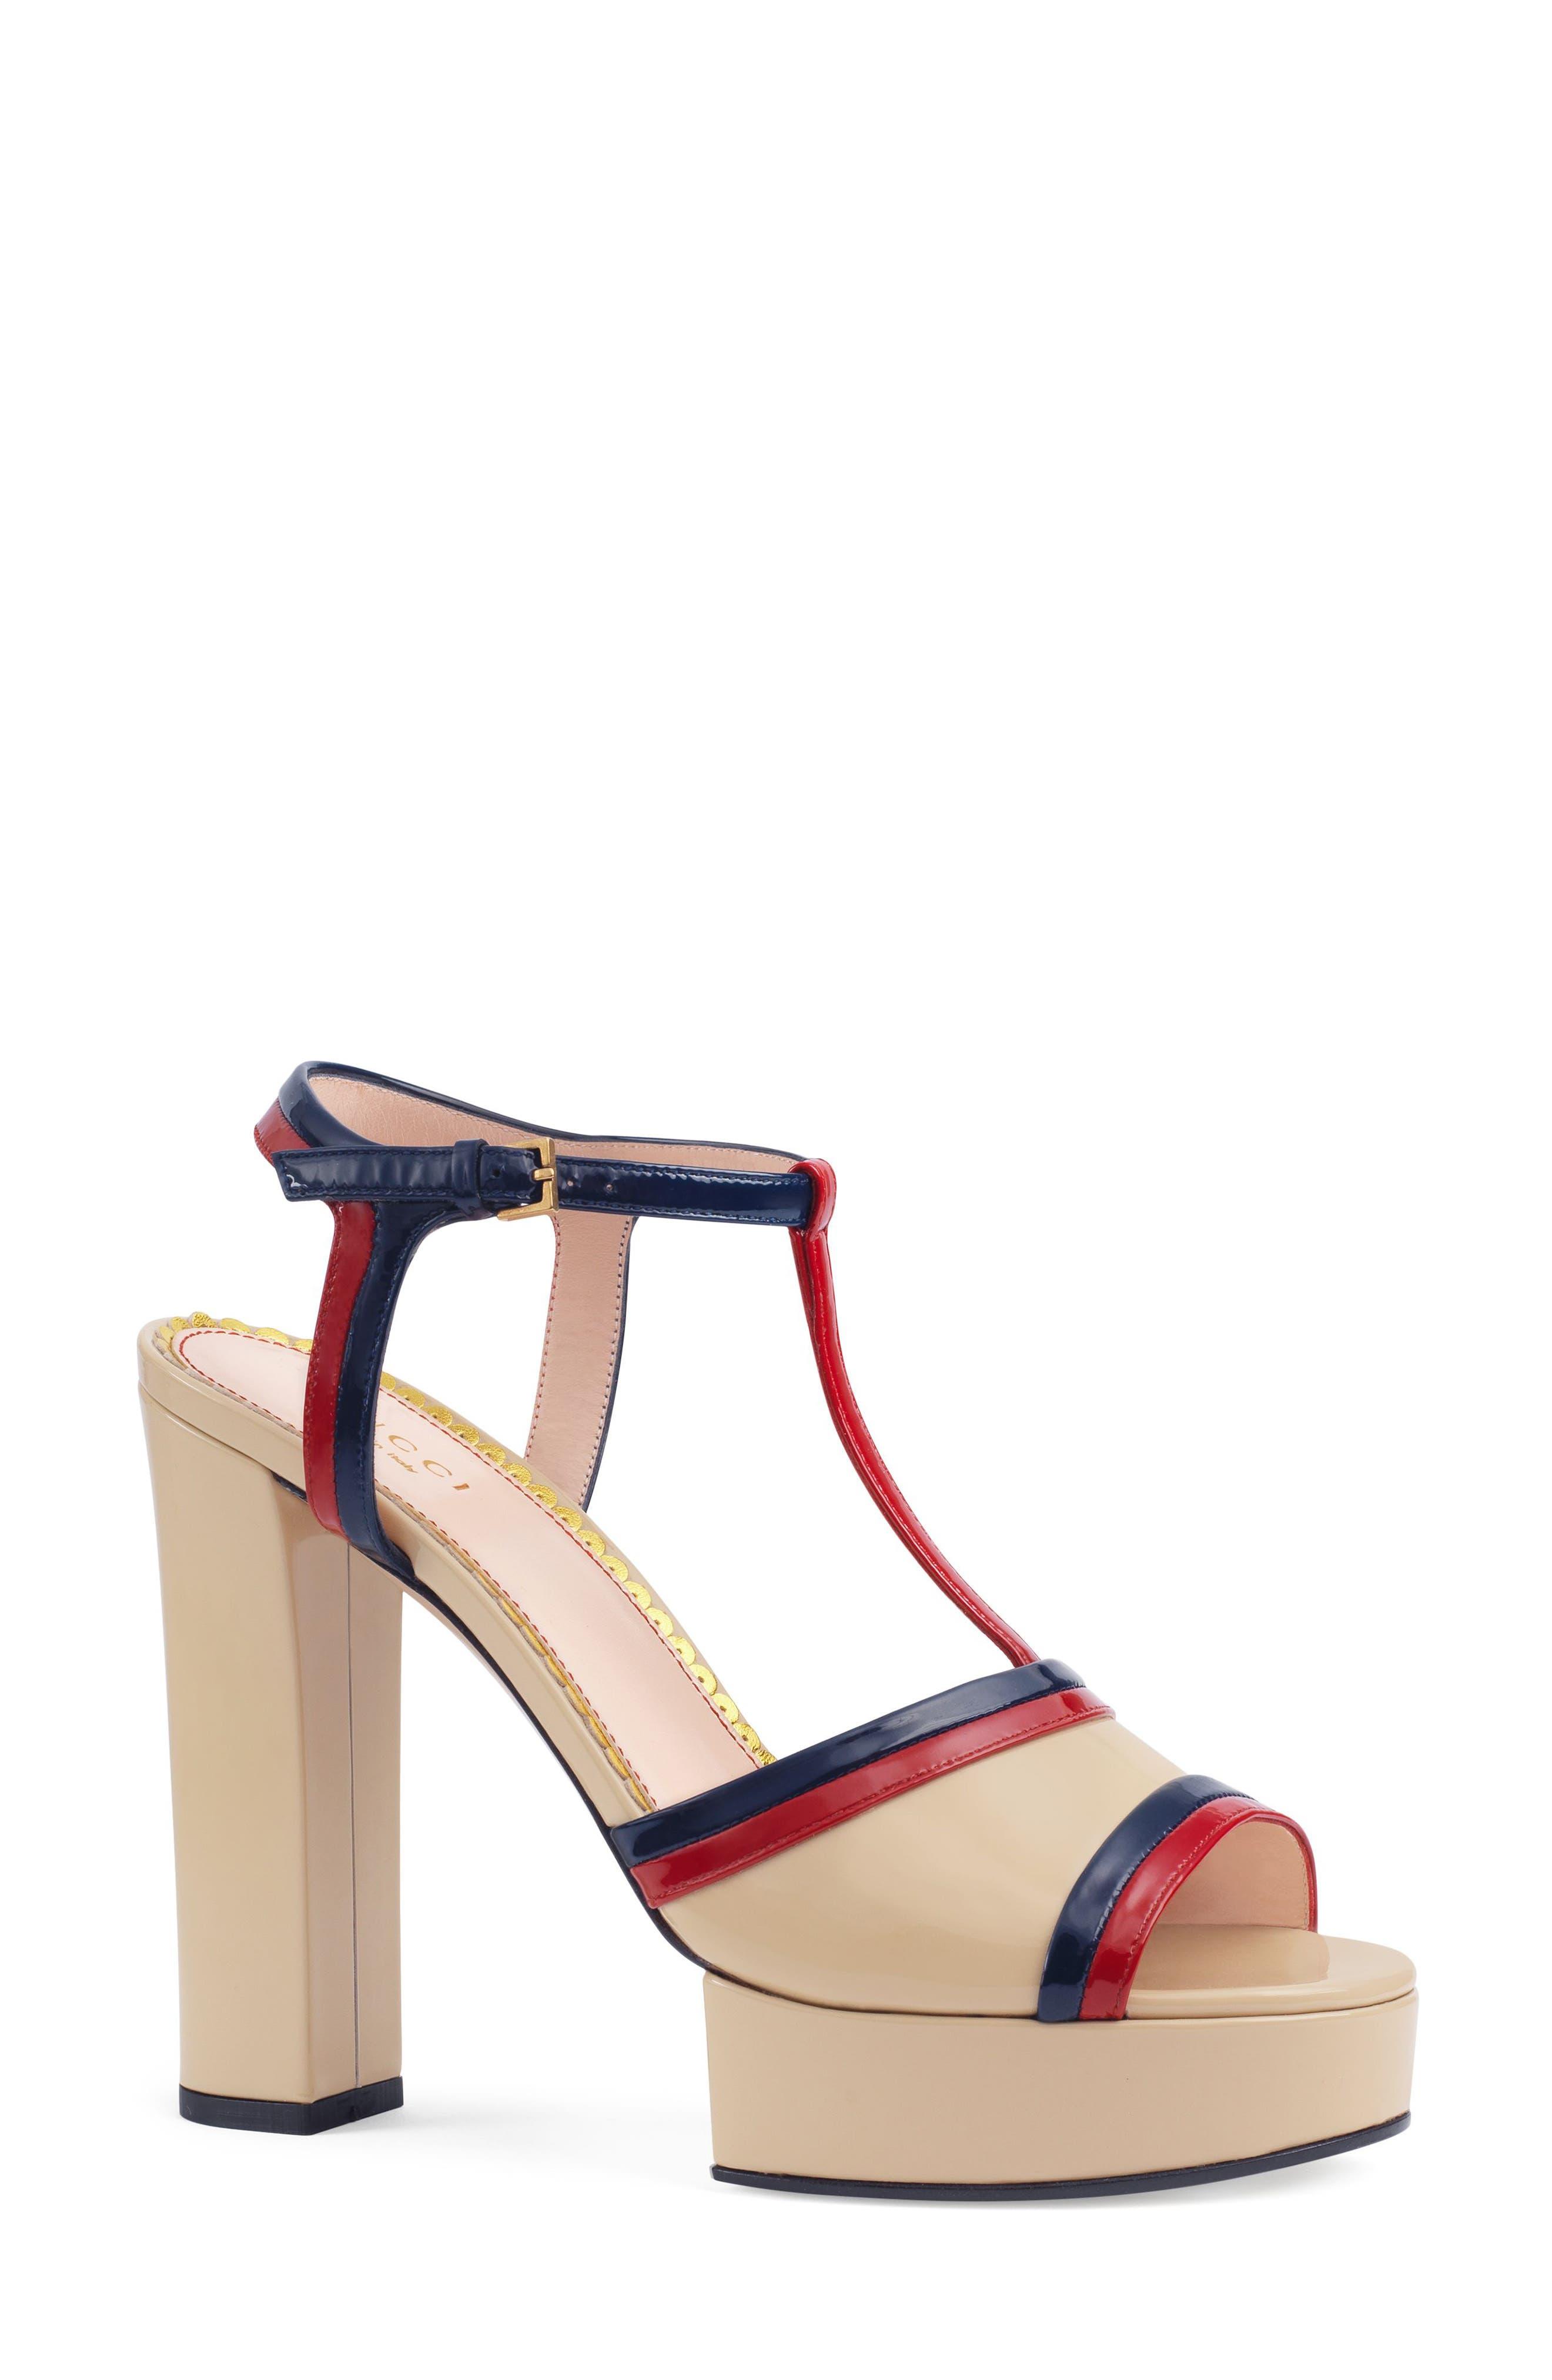 Millie T-Strap Platform Sandal,                         Main,                         color, BEIGE/ RED/ BLUE